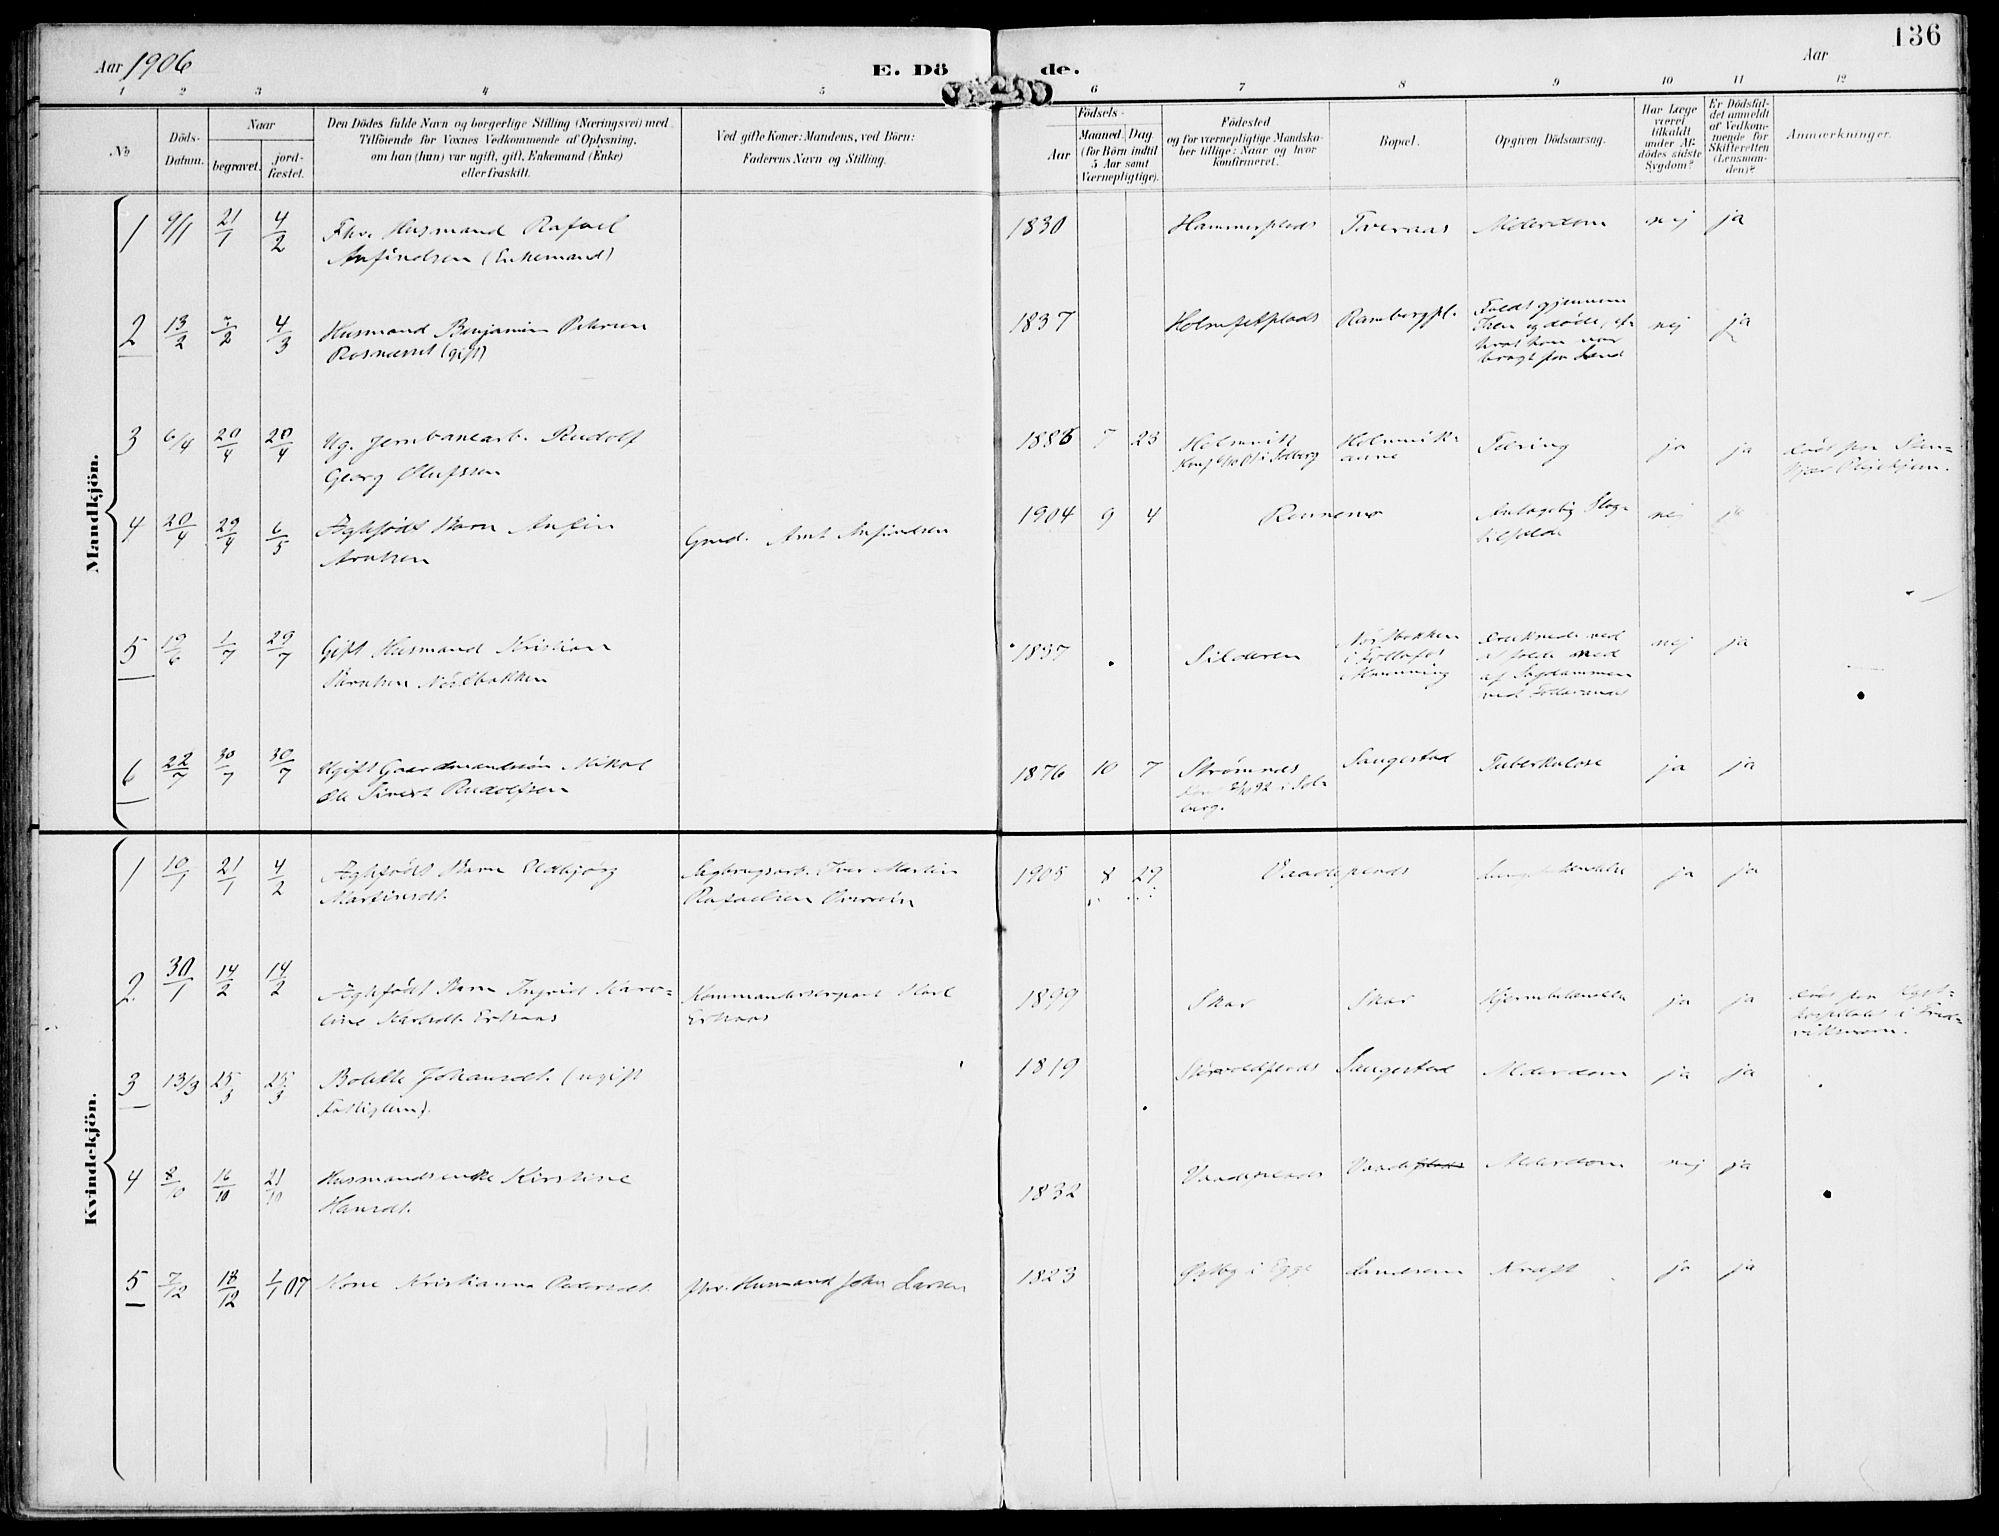 SAT, Ministerialprotokoller, klokkerbøker og fødselsregistre - Nord-Trøndelag, 745/L0430: Ministerialbok nr. 745A02, 1895-1913, s. 136